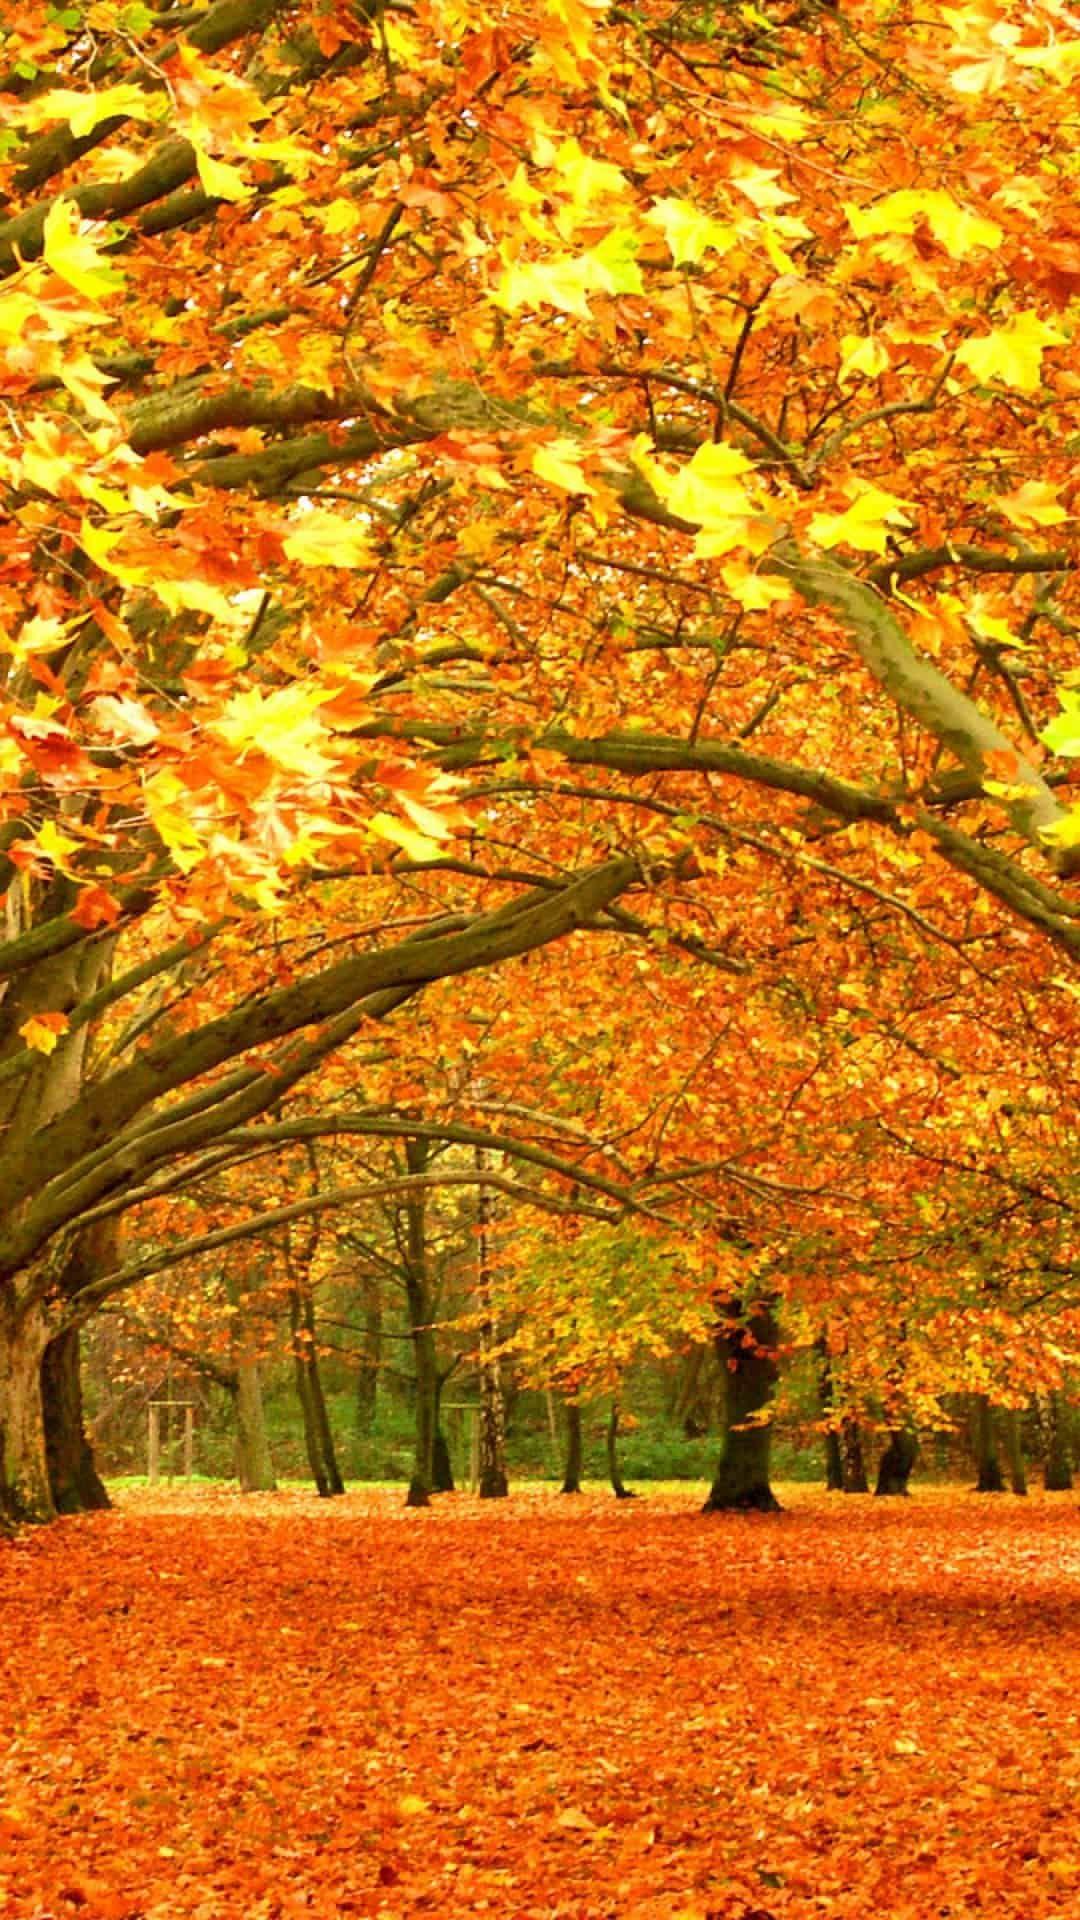 Http Mobw Org 22187 Anime Autumn Mobile Wallpaper Html Anime Autumn Mobile Wallpaper Osennij Pejzazh Pejzazhi Osennie Kartinki